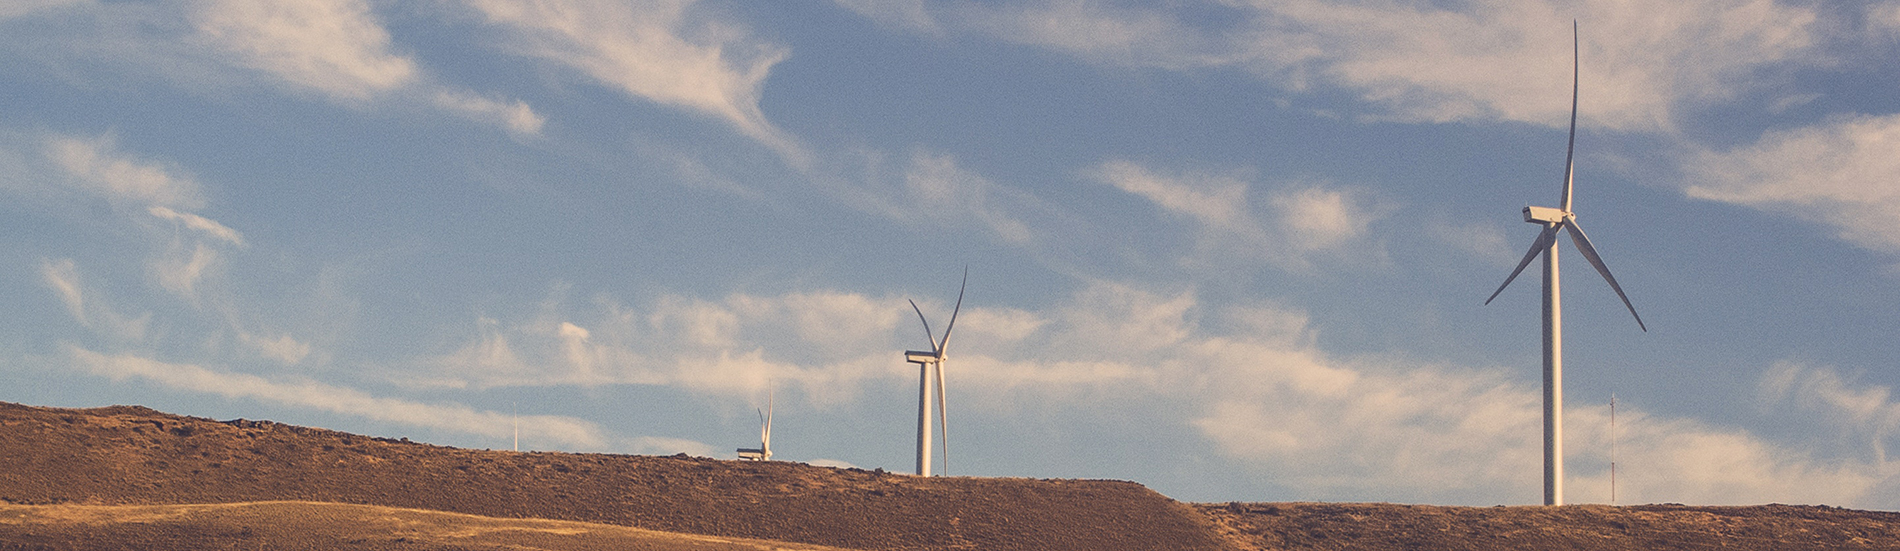 """<a href=""""http://apieram.pt/"""">Energia Eólica</a><br/><p>"""